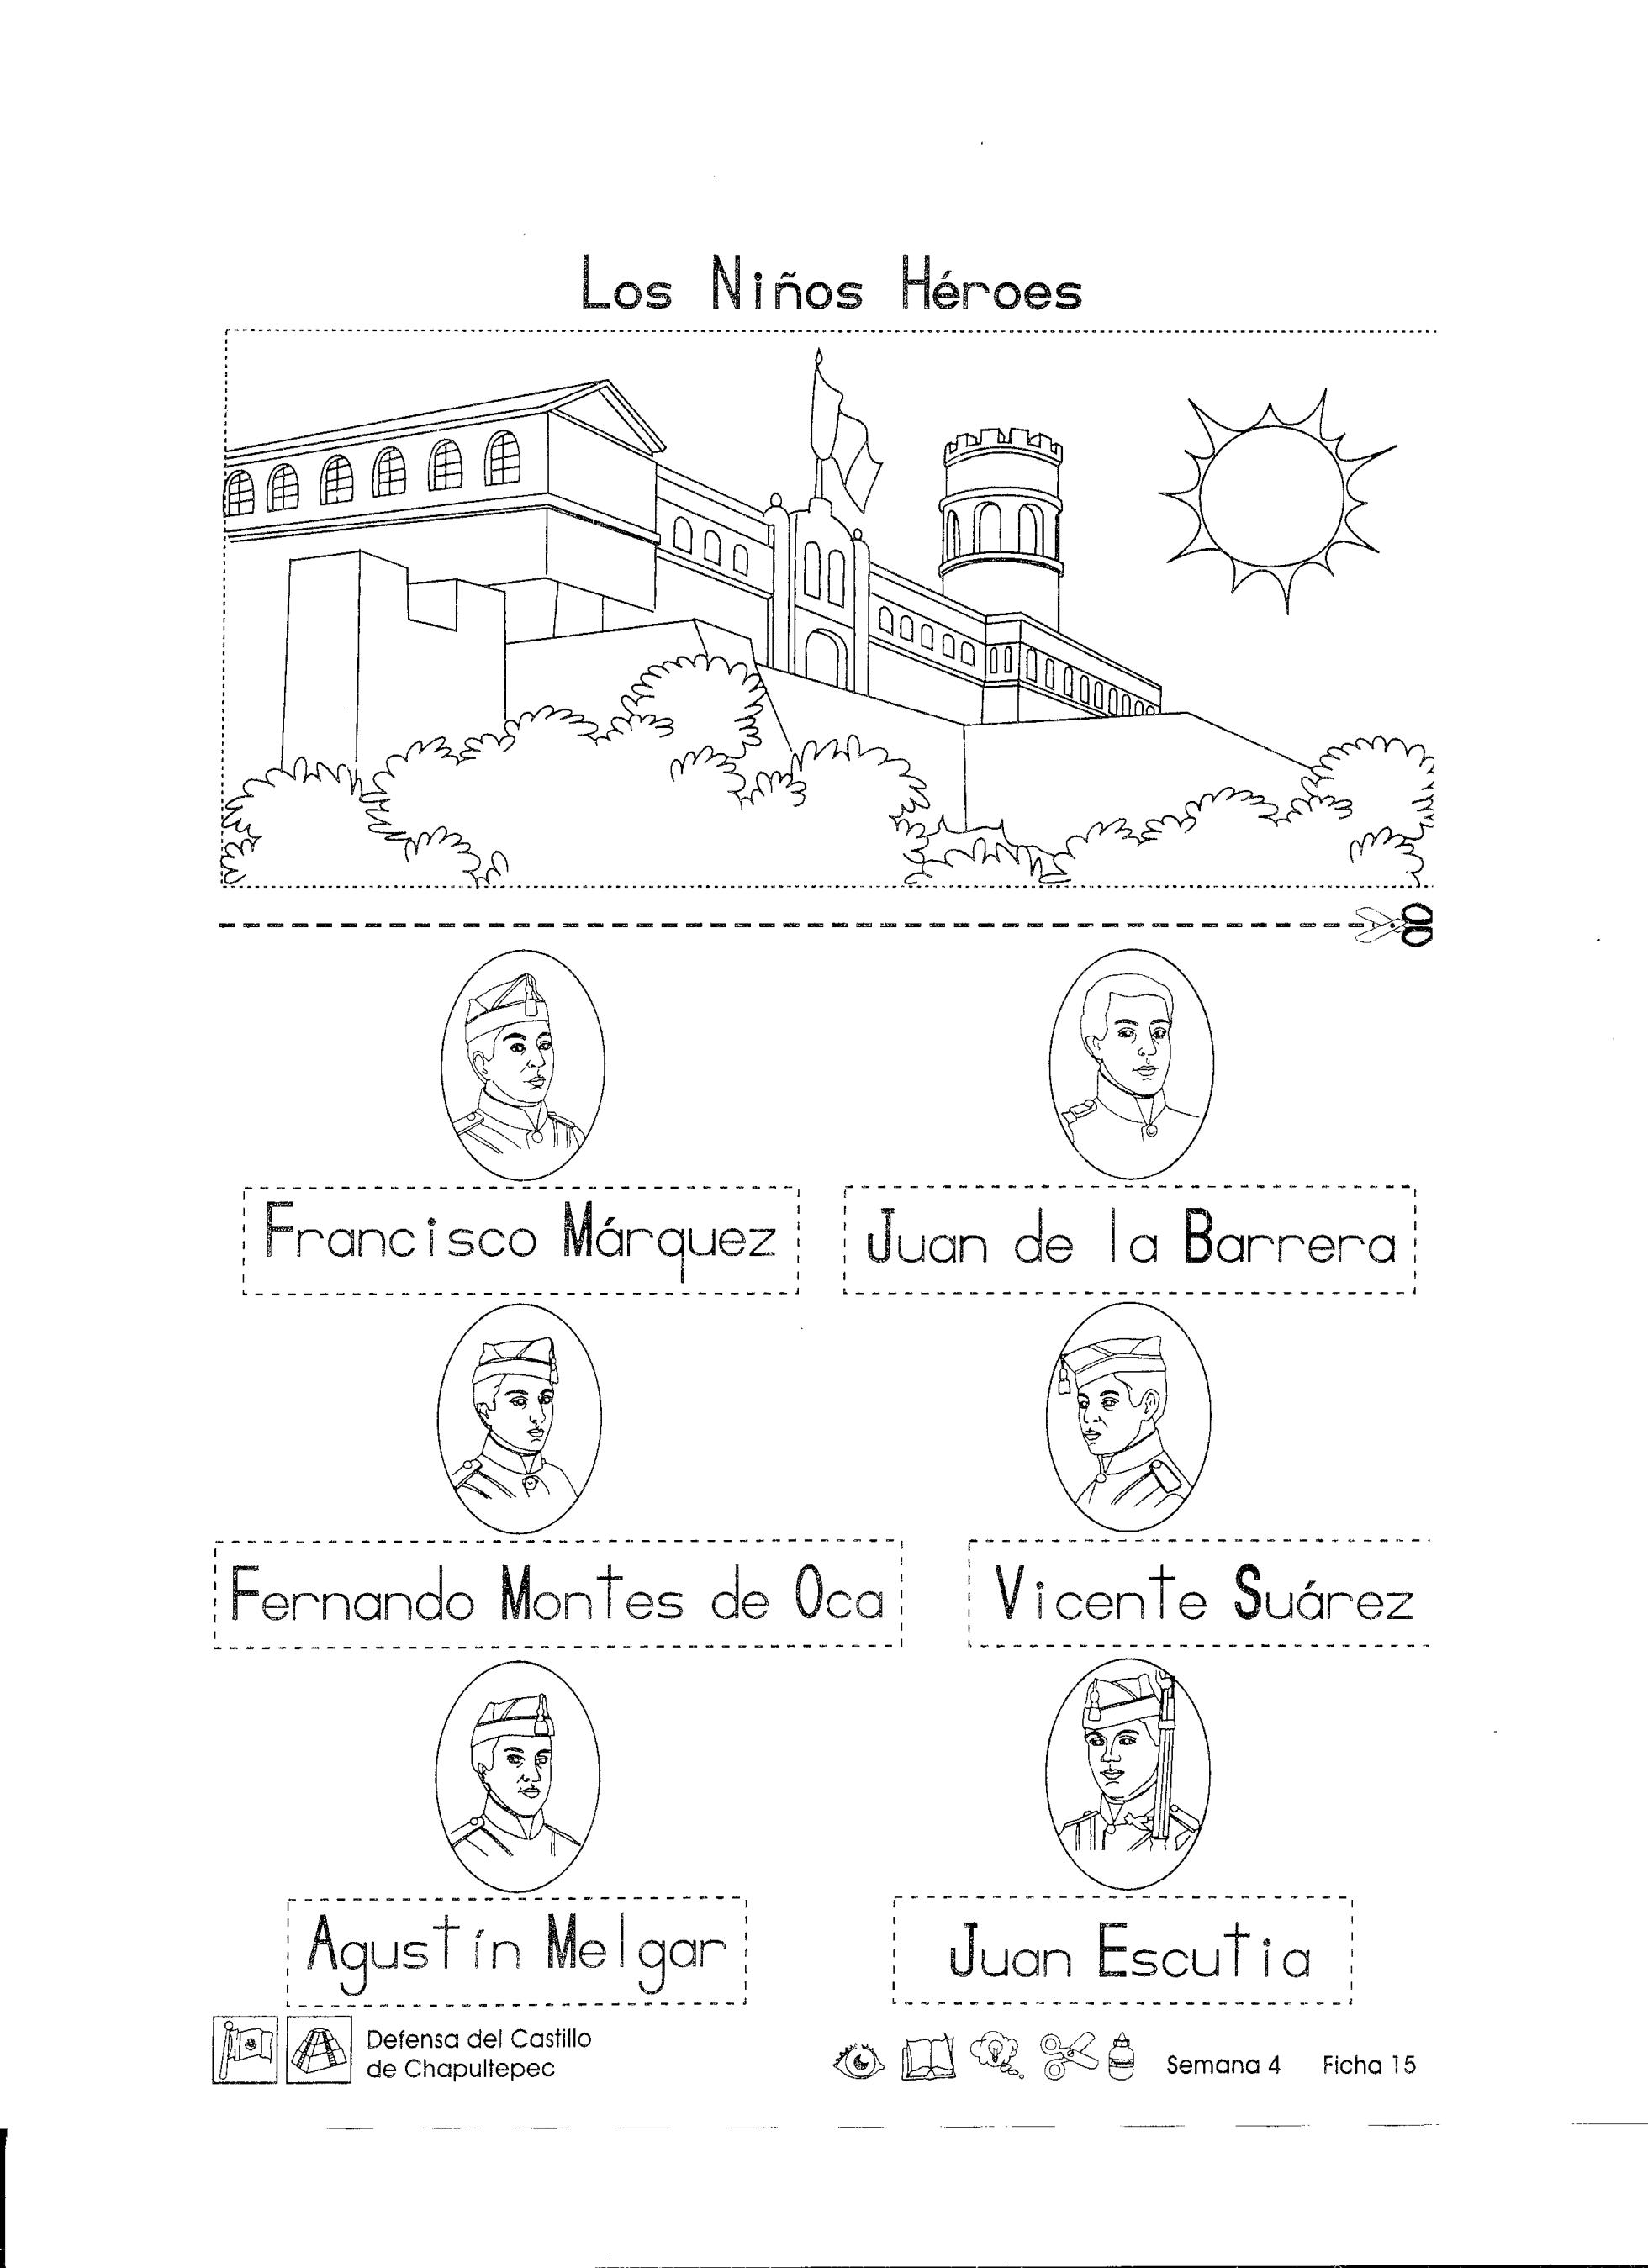 Defensa Del Castillo De Chapultepec 1er Grado Material De Aprendizaje Fichas Ninos Heroes De Chapultepec Los Ninos Heroes